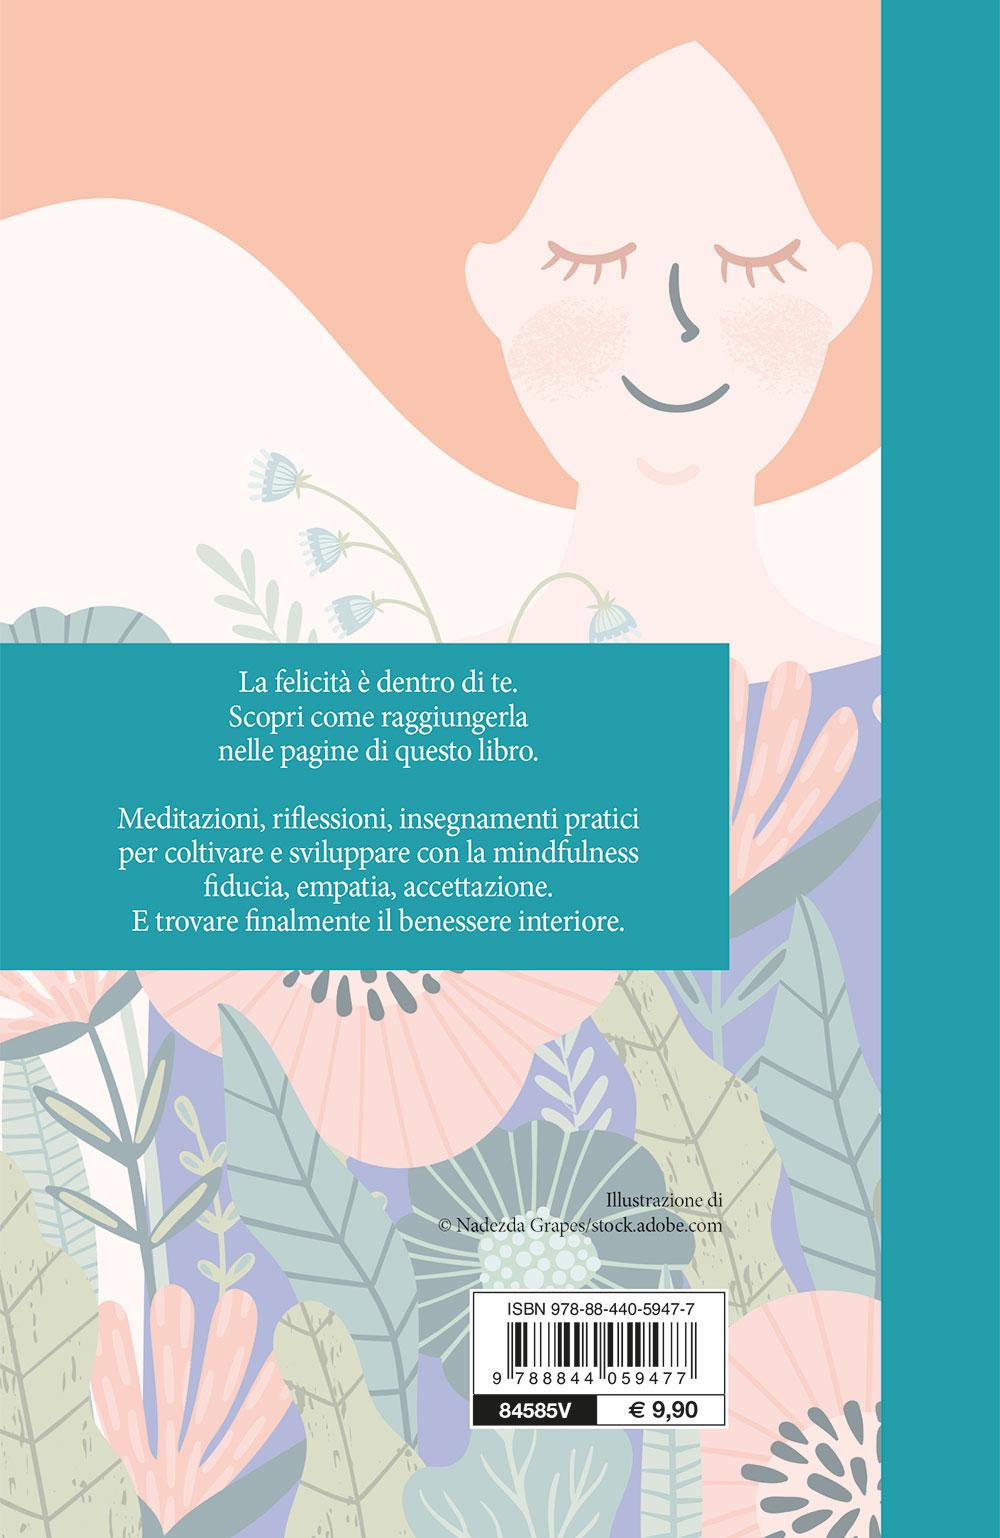 Mindfulness pratica felicità